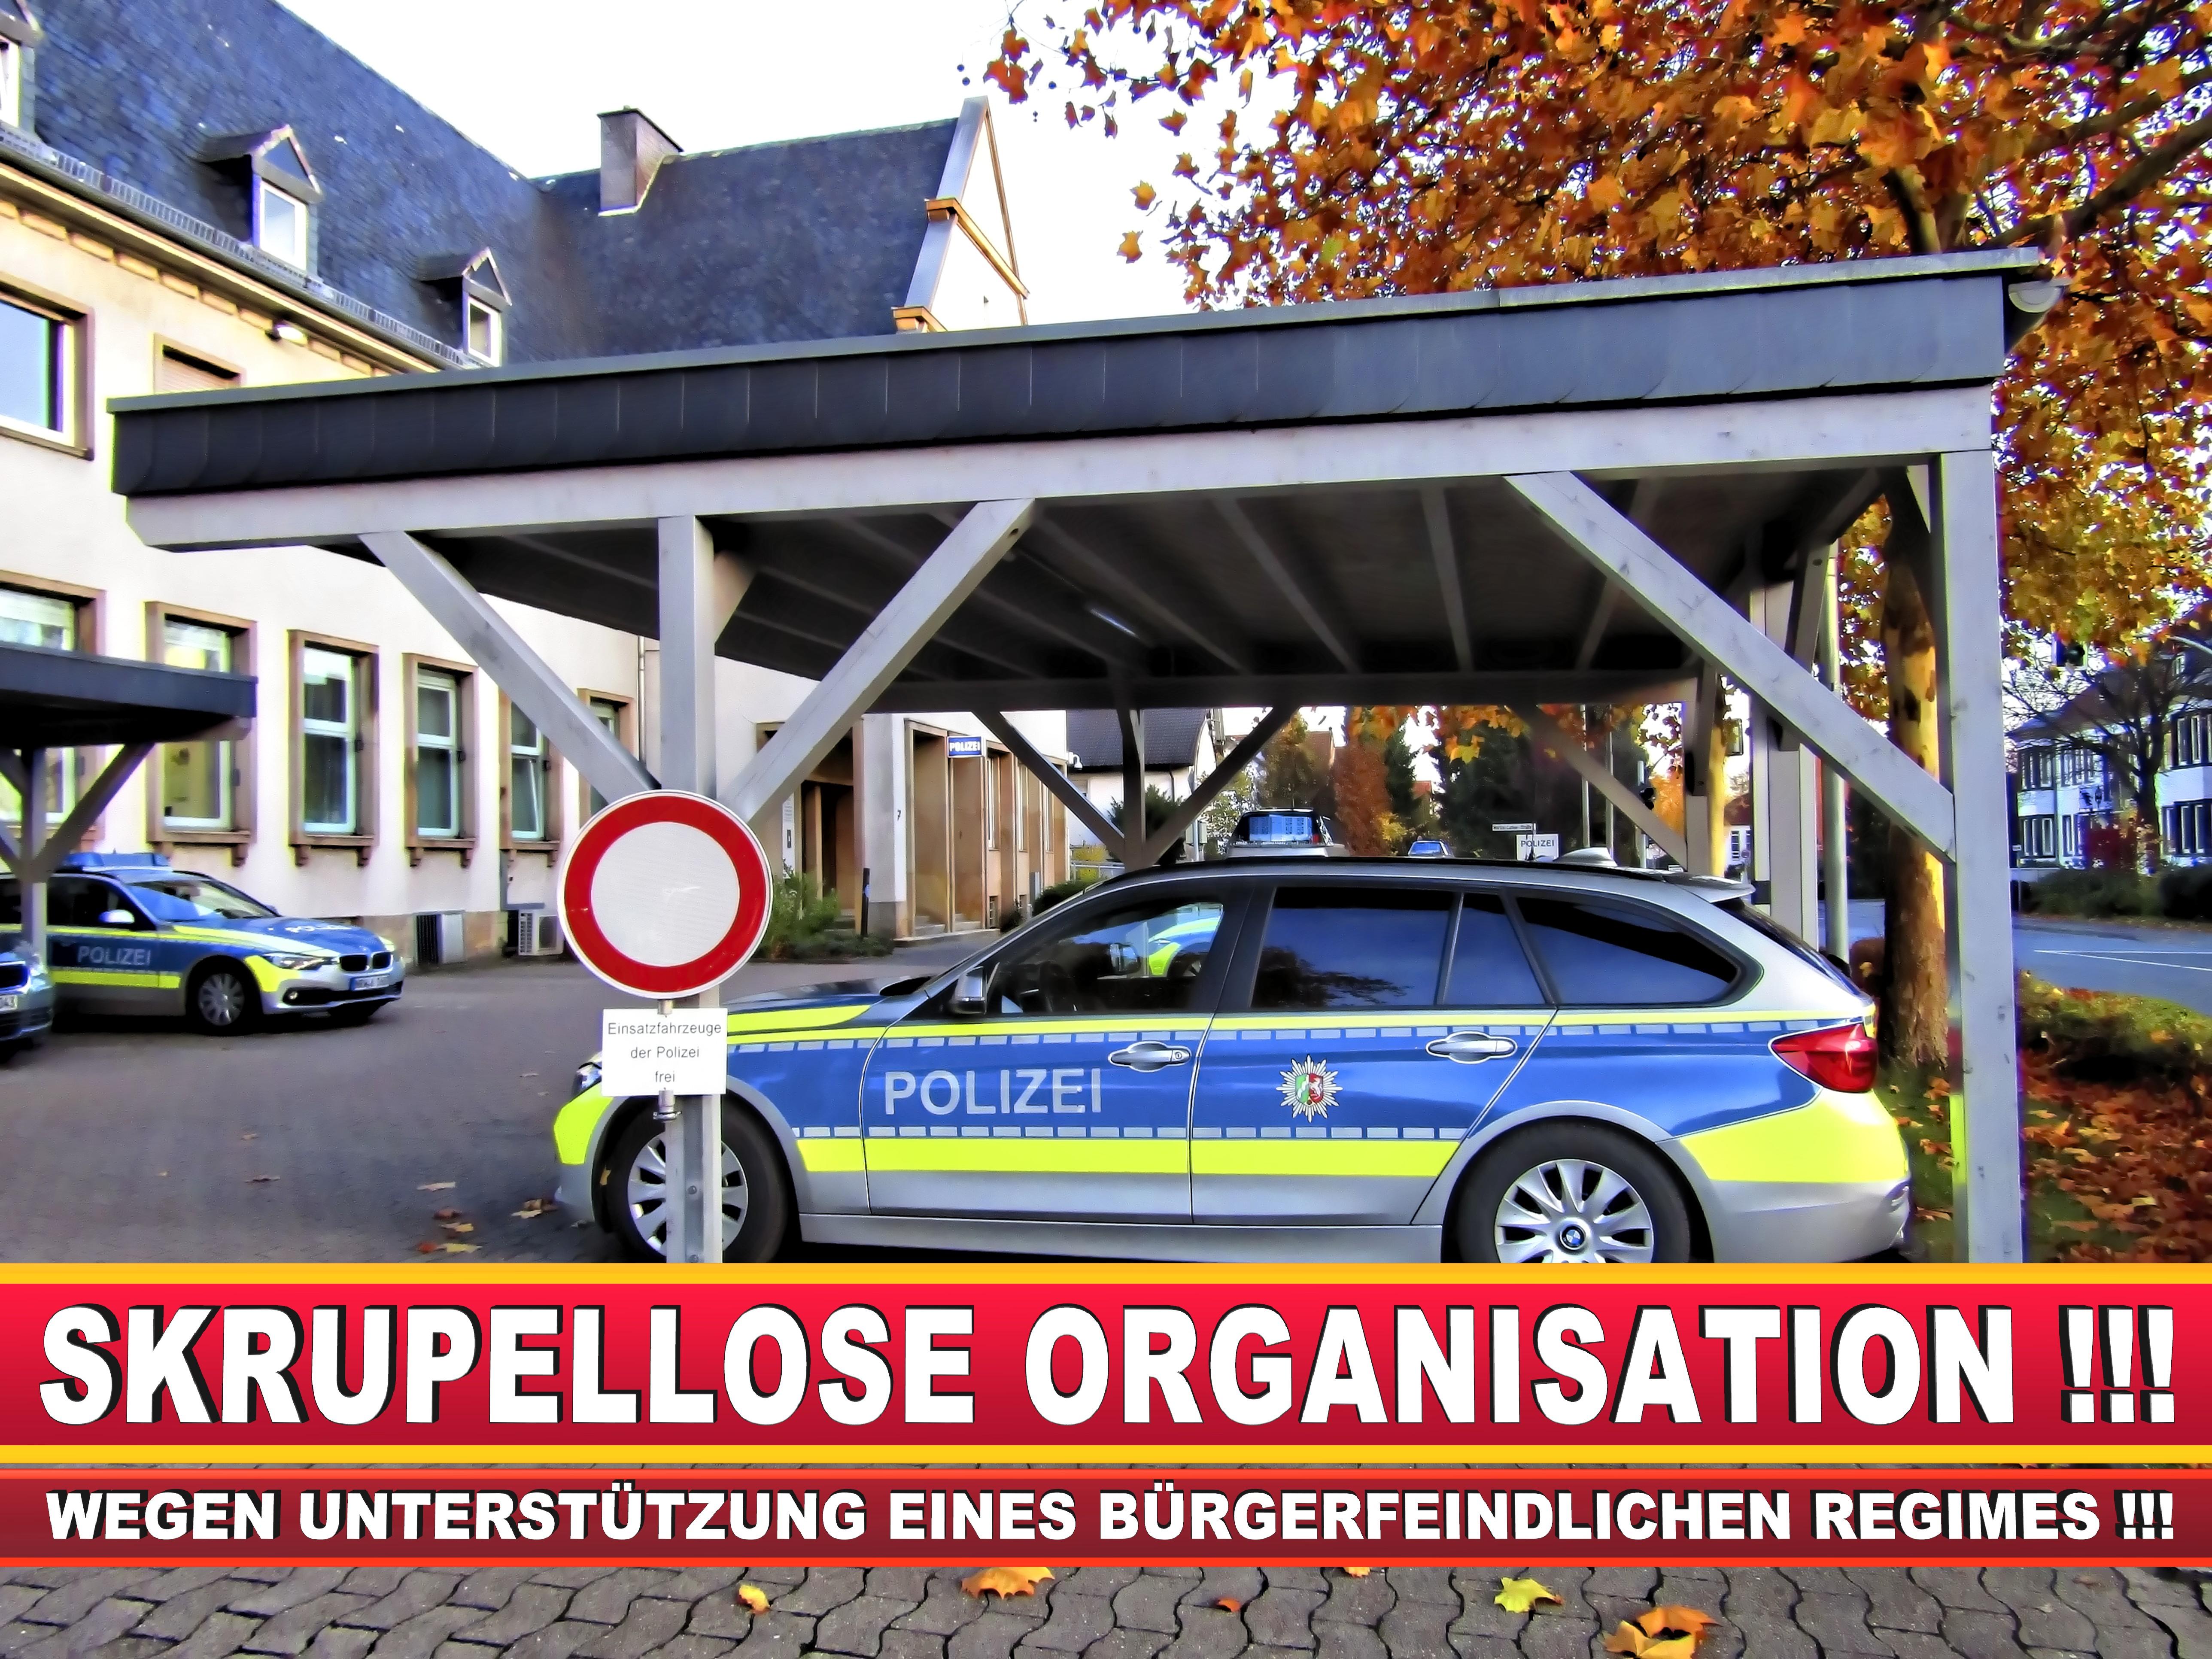 POLIZEI HALLE WESTFALEN KäTTKENSTRAßE 7 33790 HALLE WESTFALEN (9)